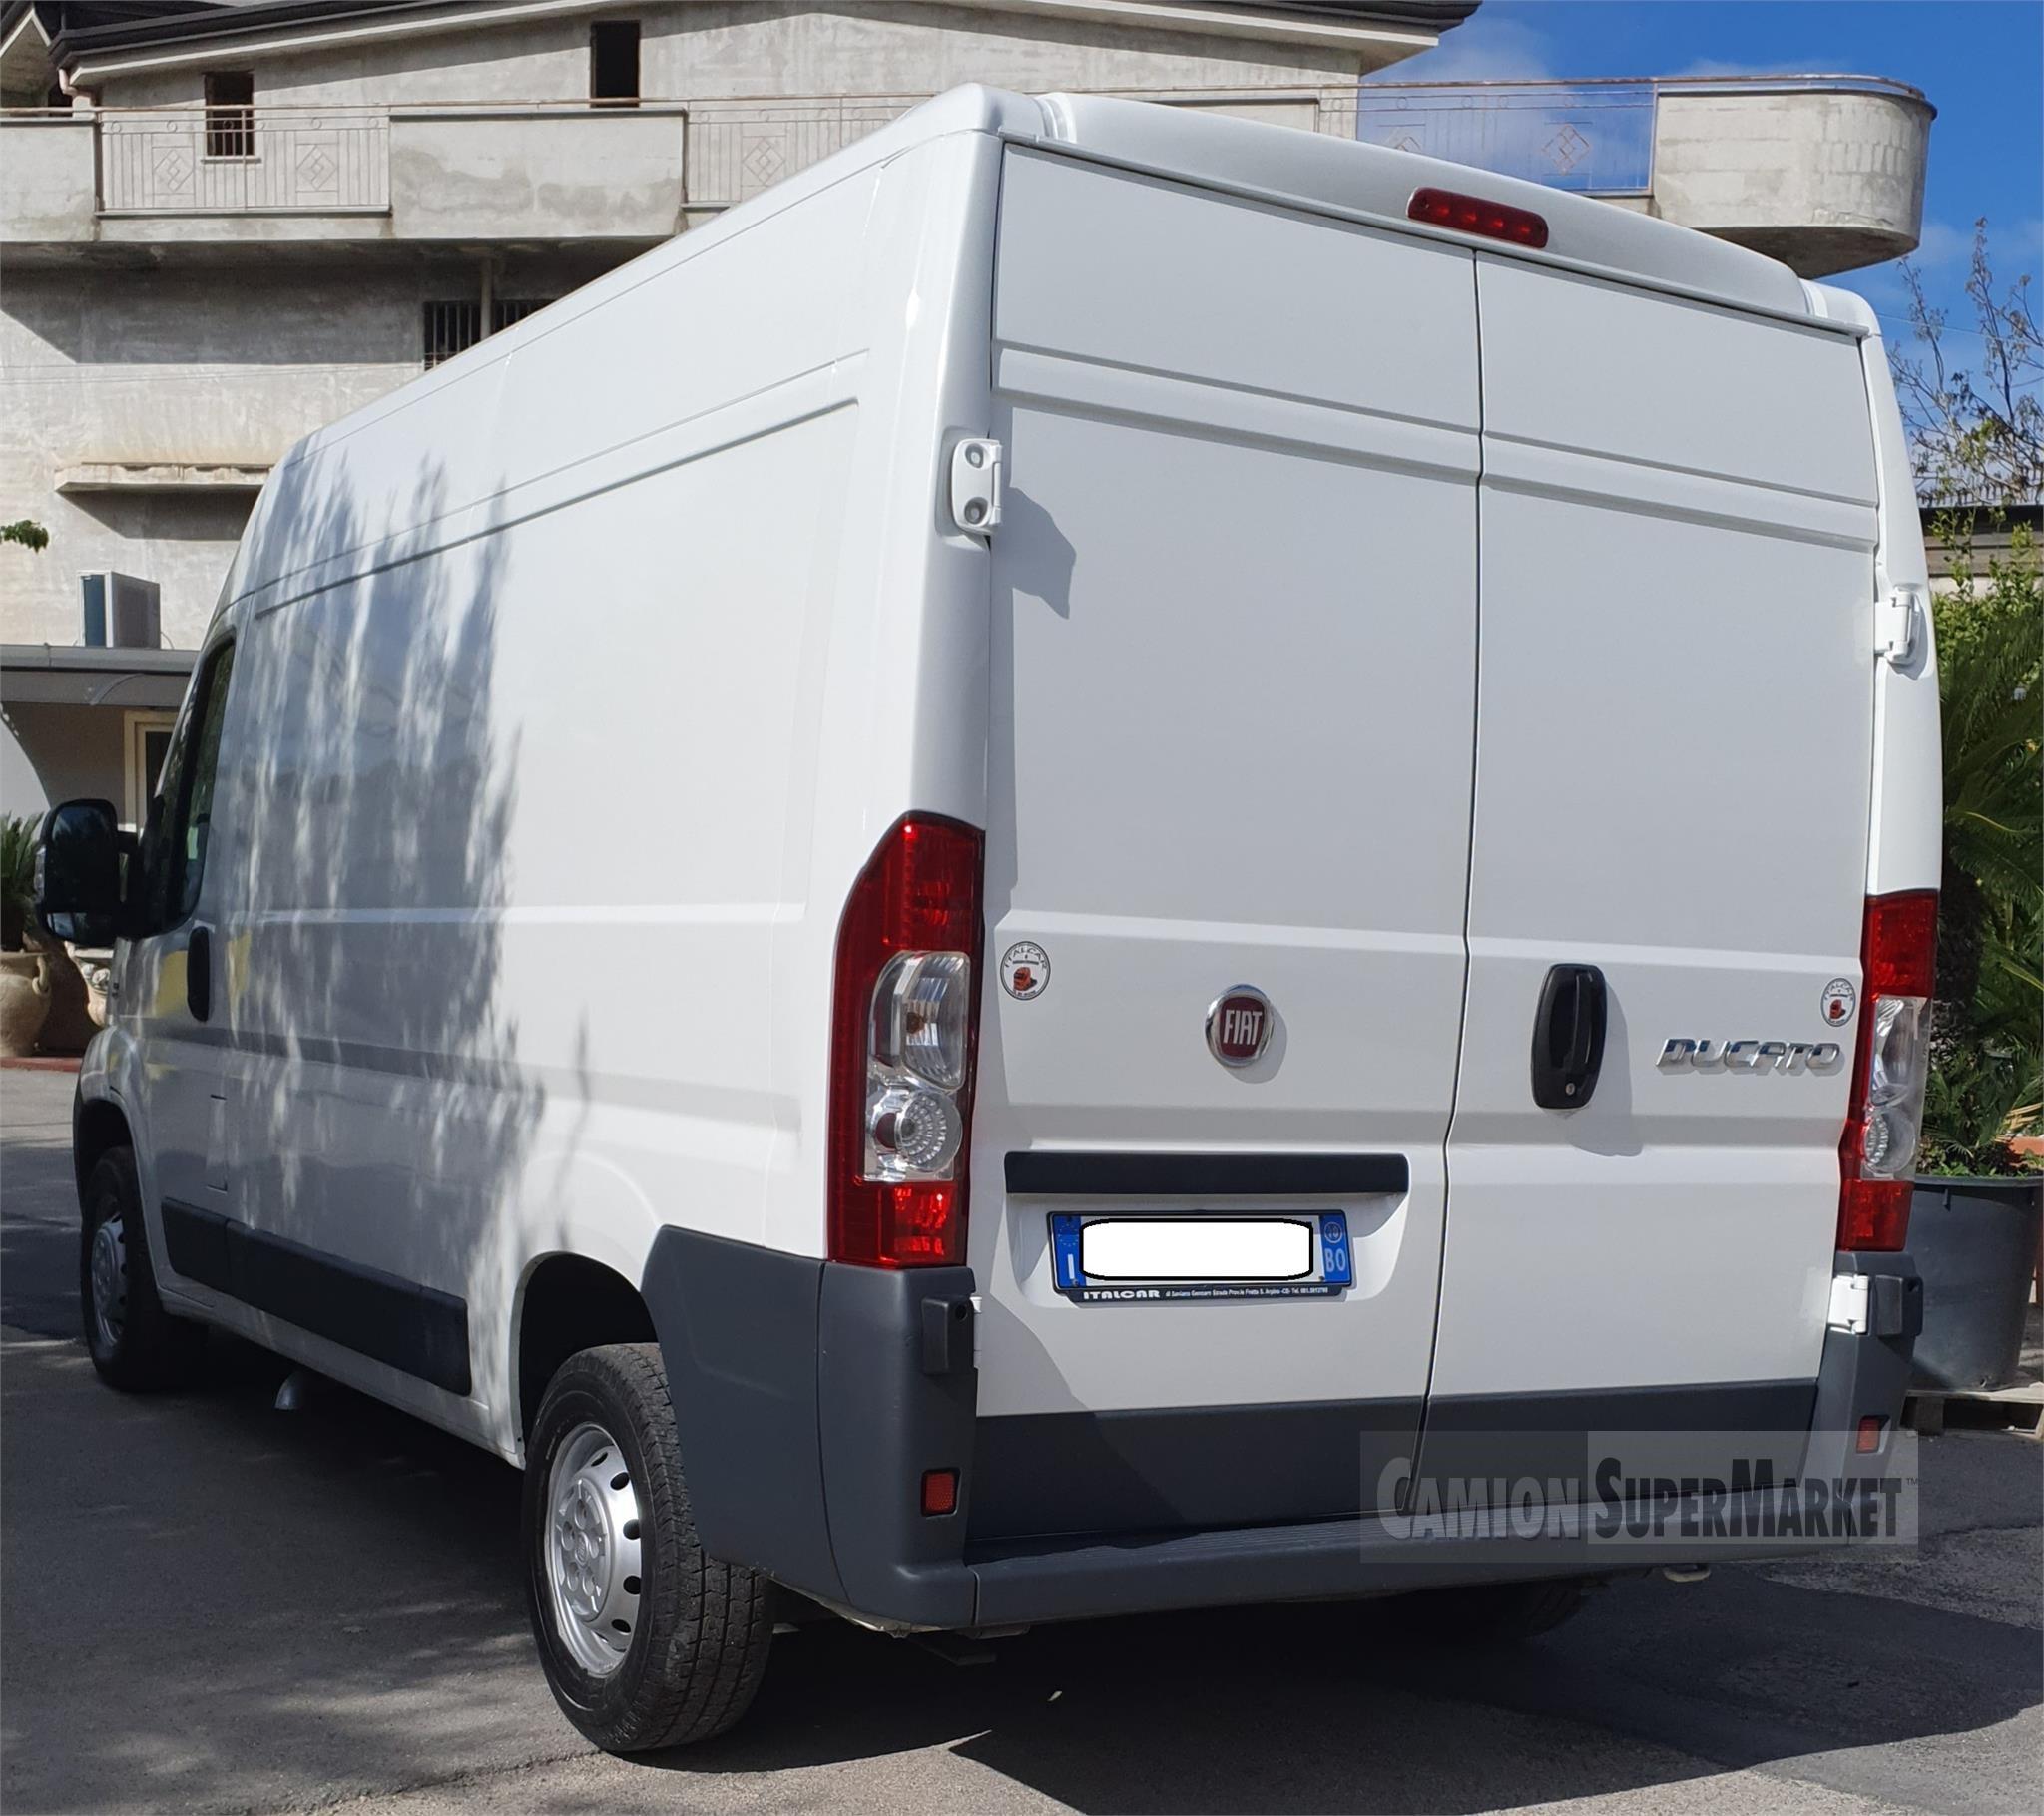 Fiat DUCATO used 2010 Campania